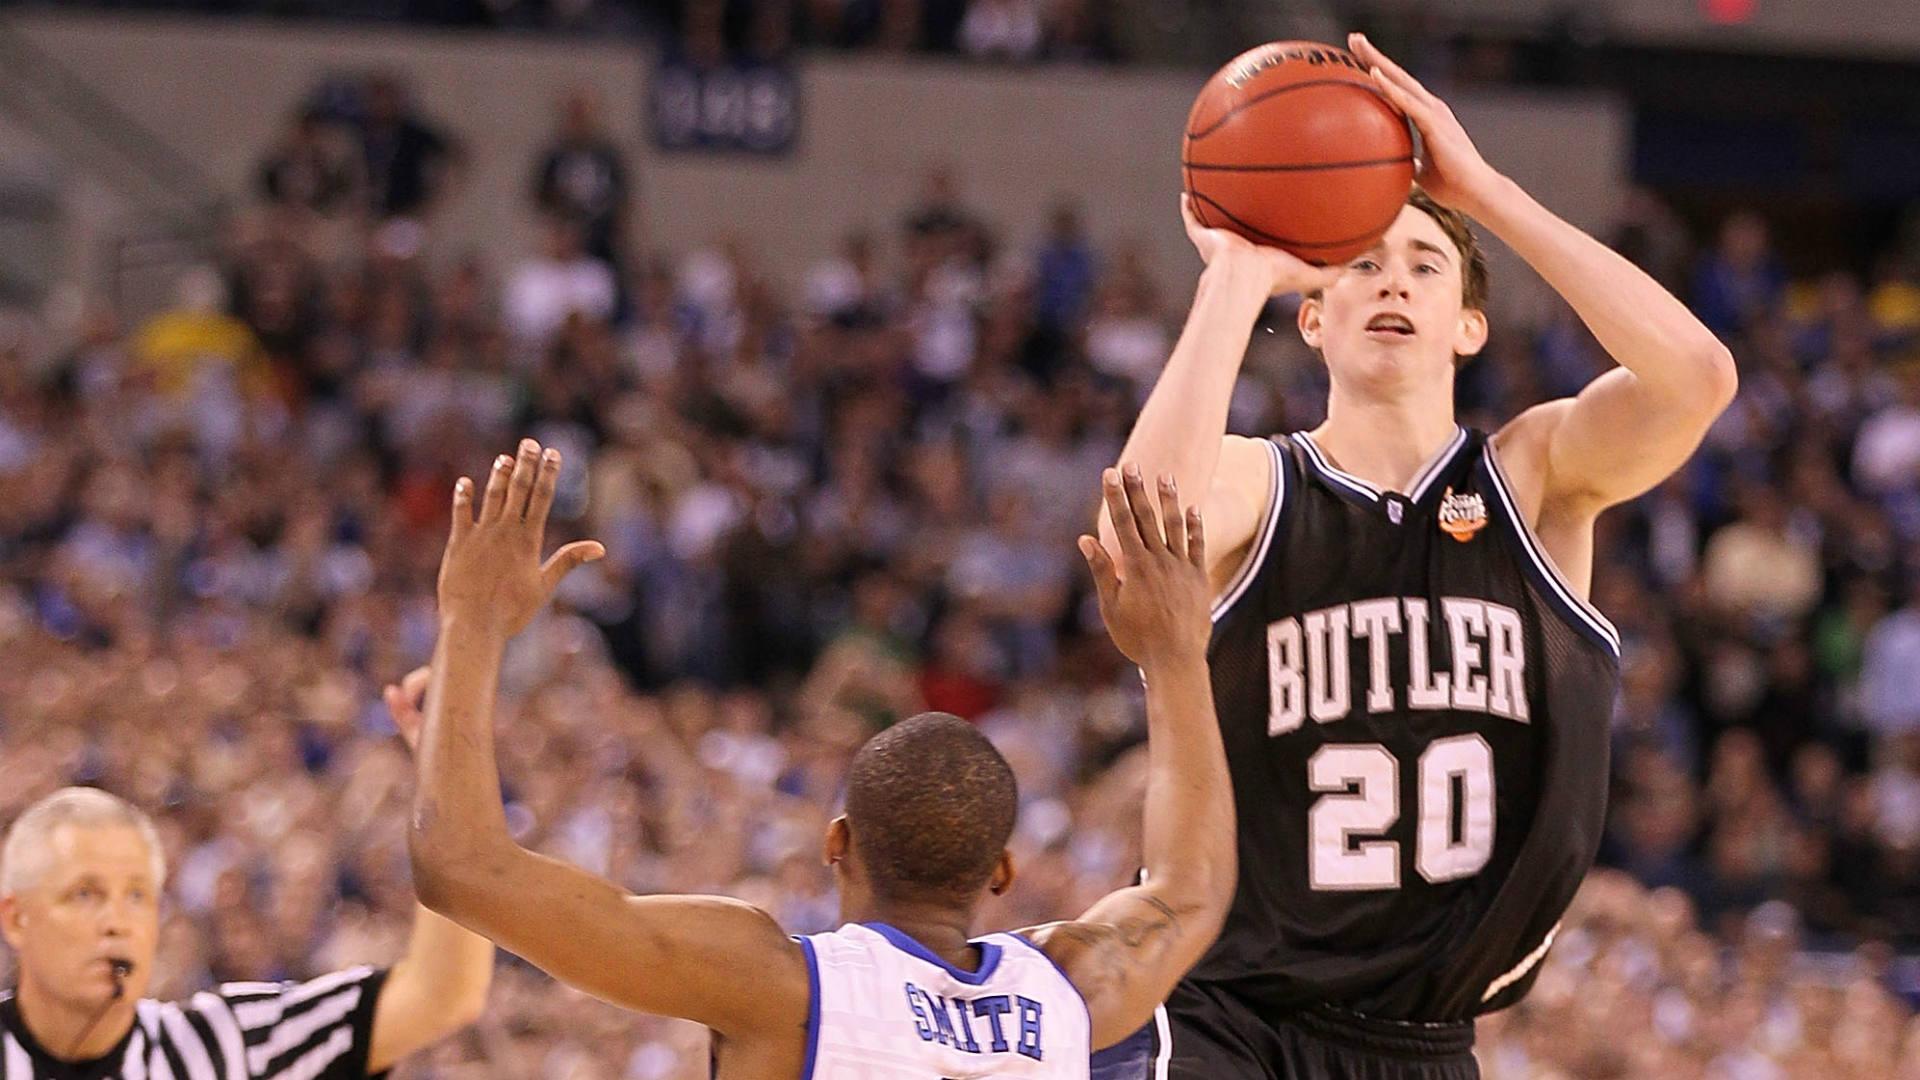 Butler, 10 anni fa a un tiro dalla storia